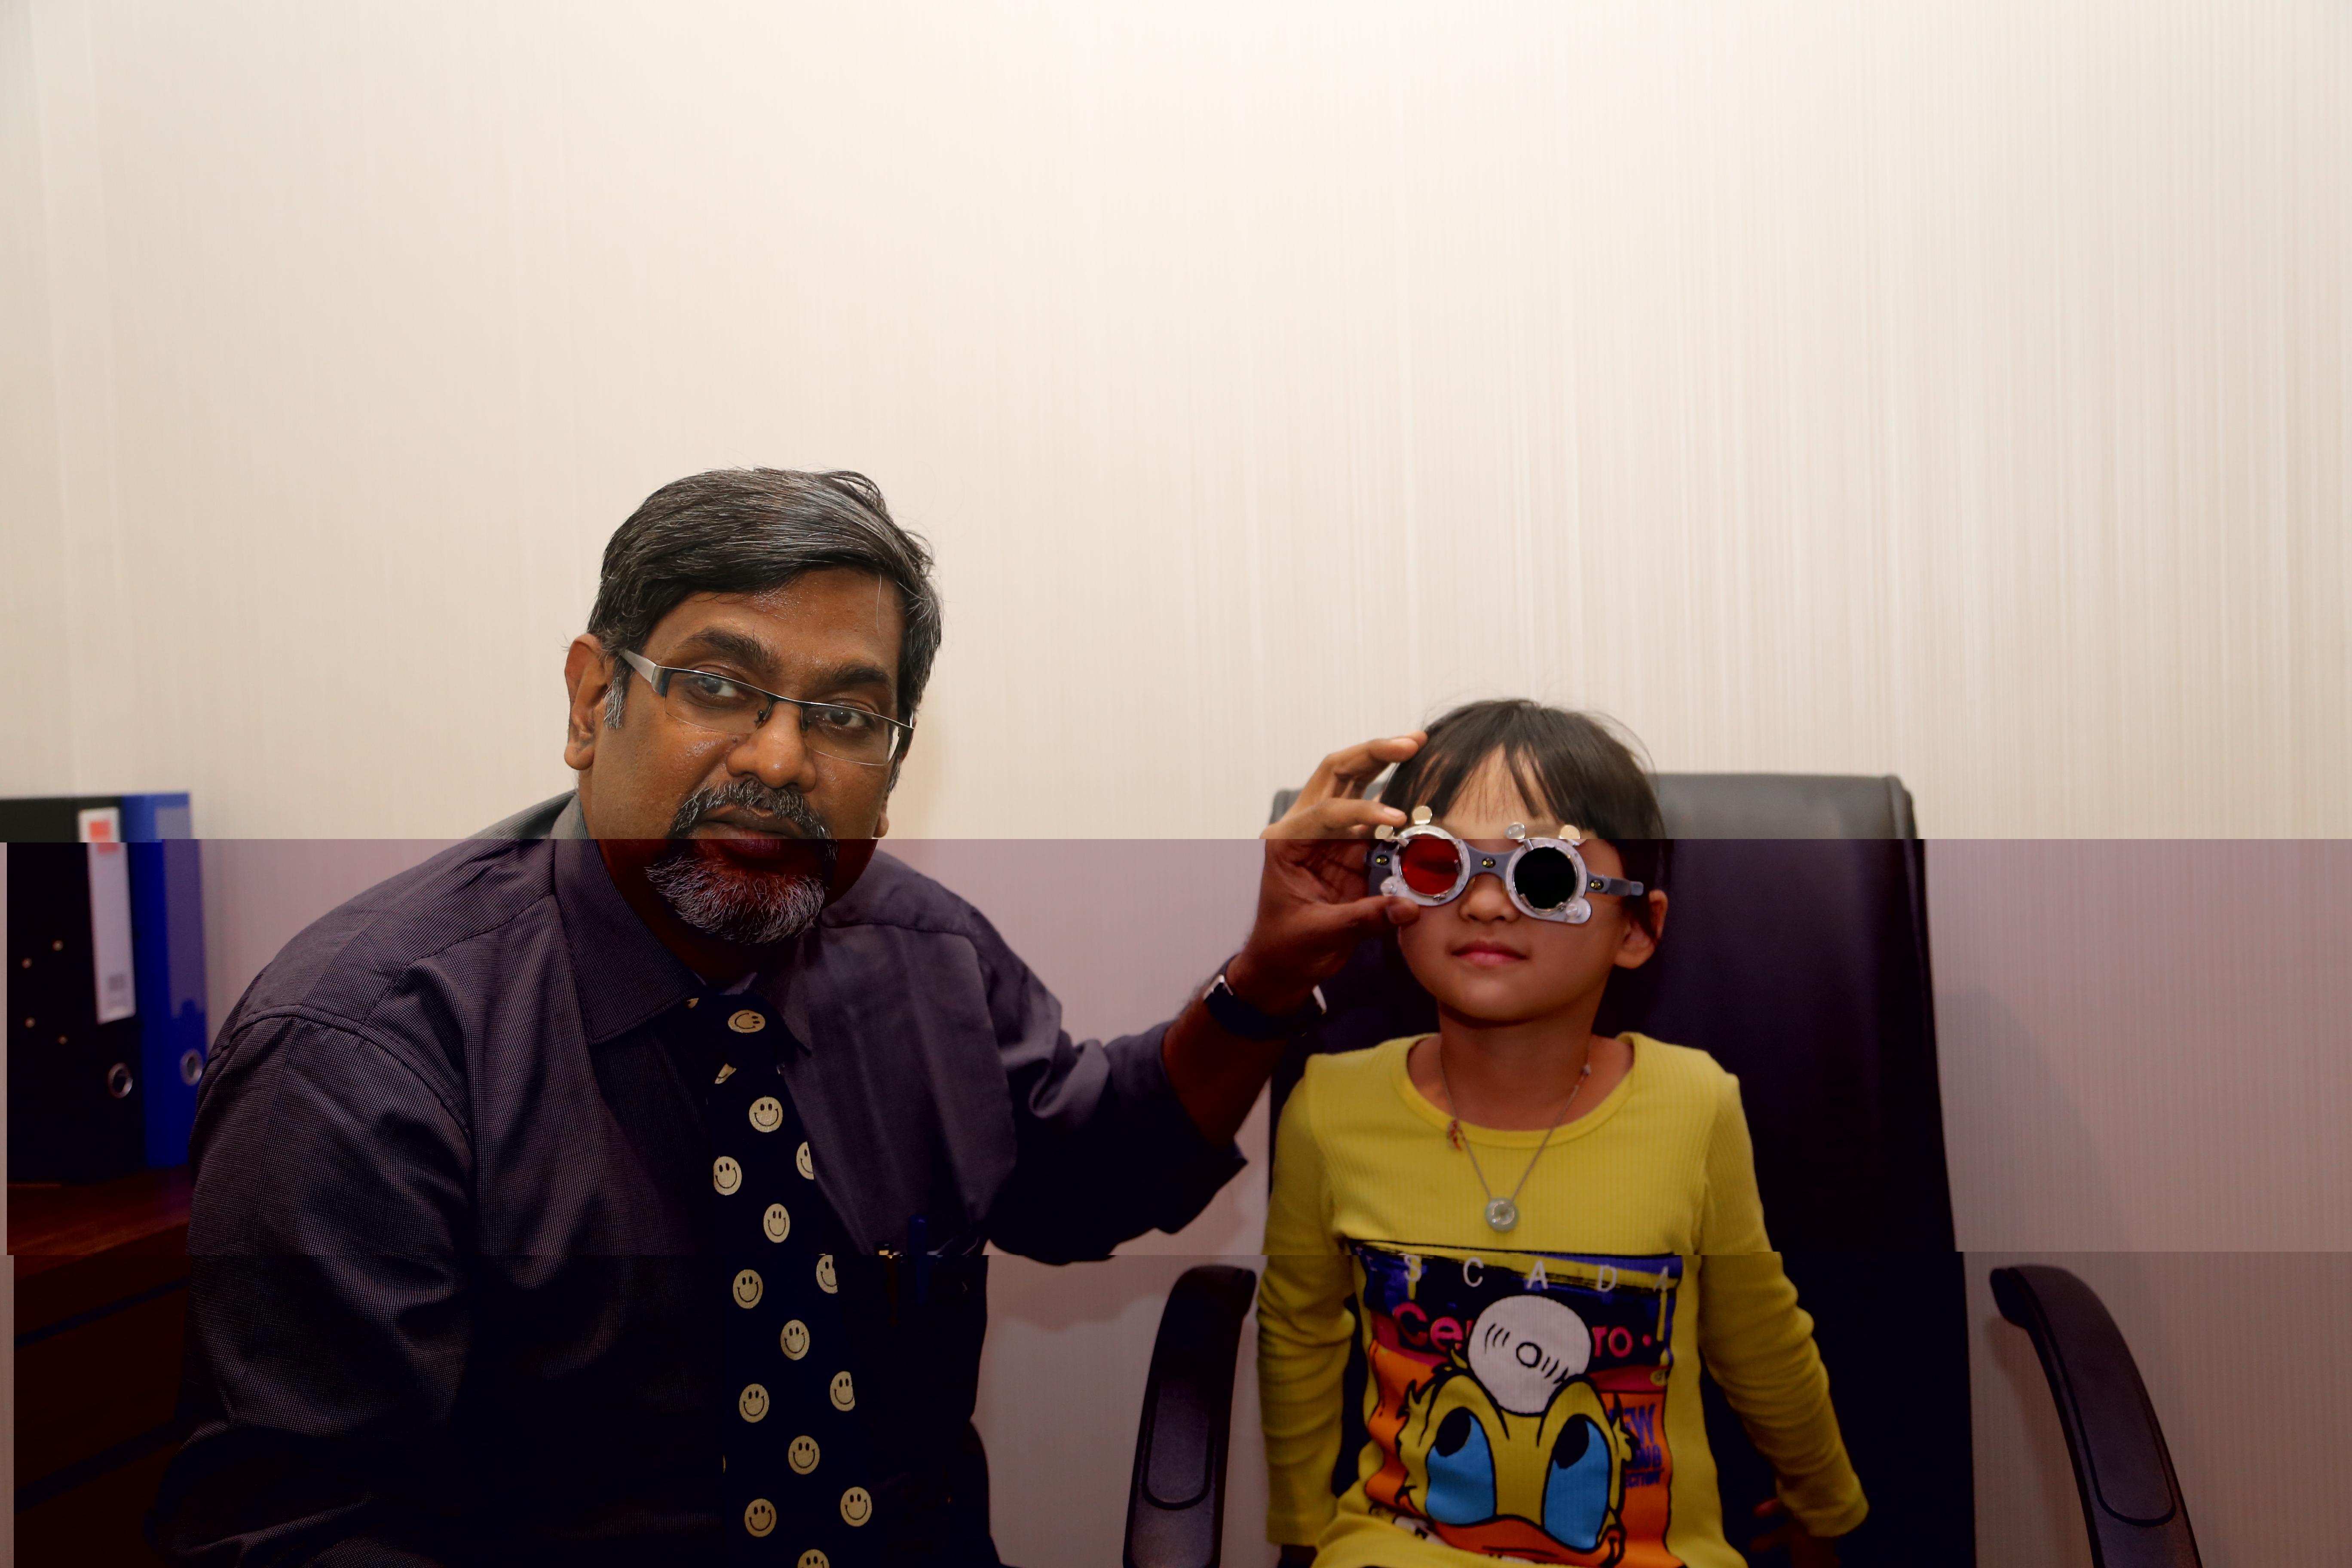 婴儿满半岁,需做视力筛查